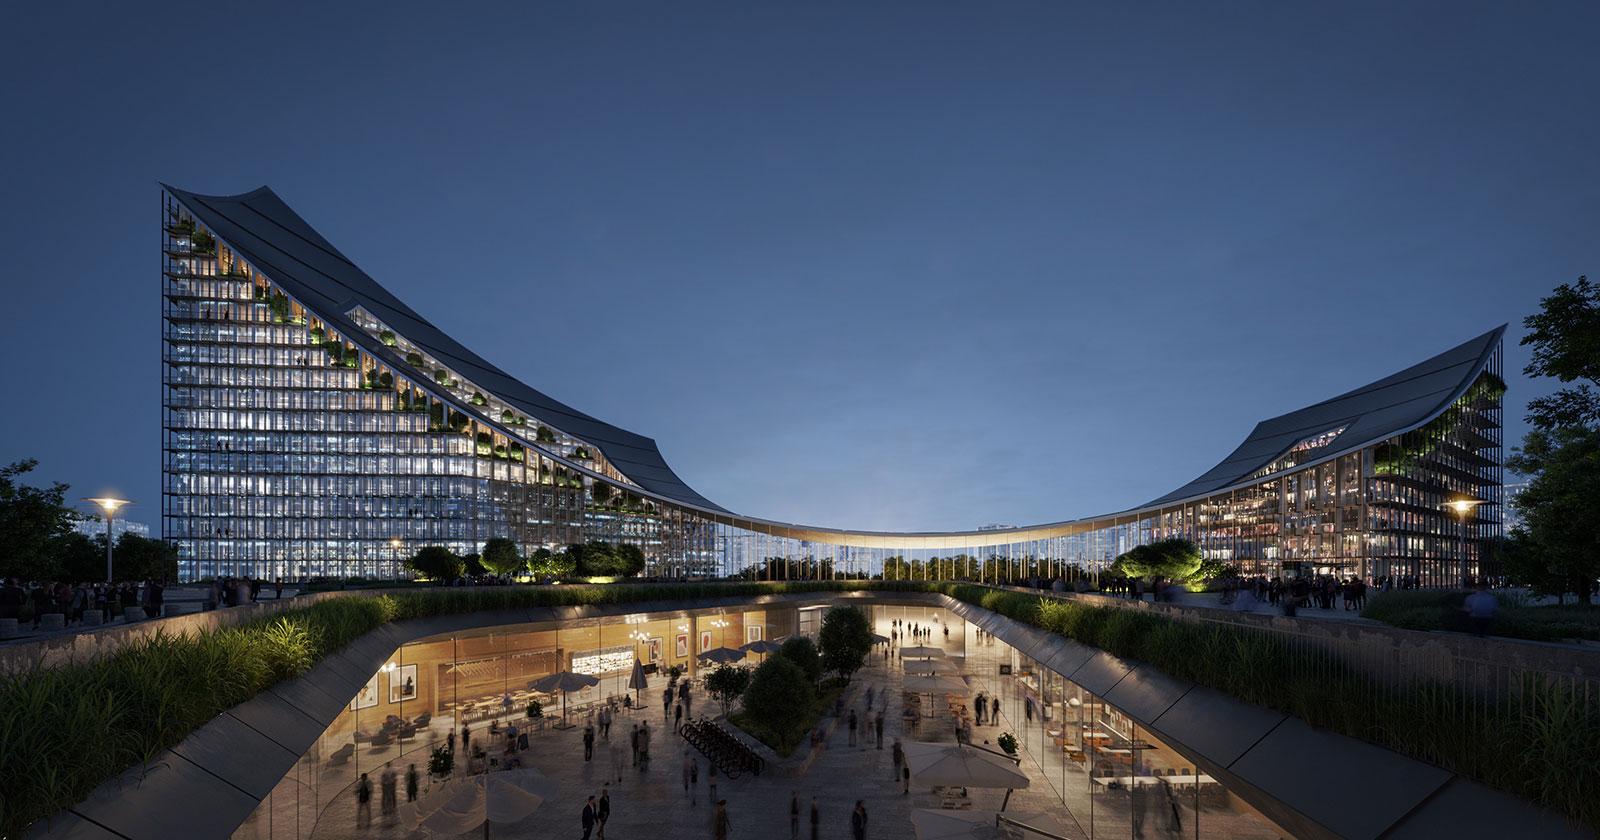 Al via il cantiere di CityWave, l'edificio-portale di CityLife firmato BIG - Bjarke Ingels Group